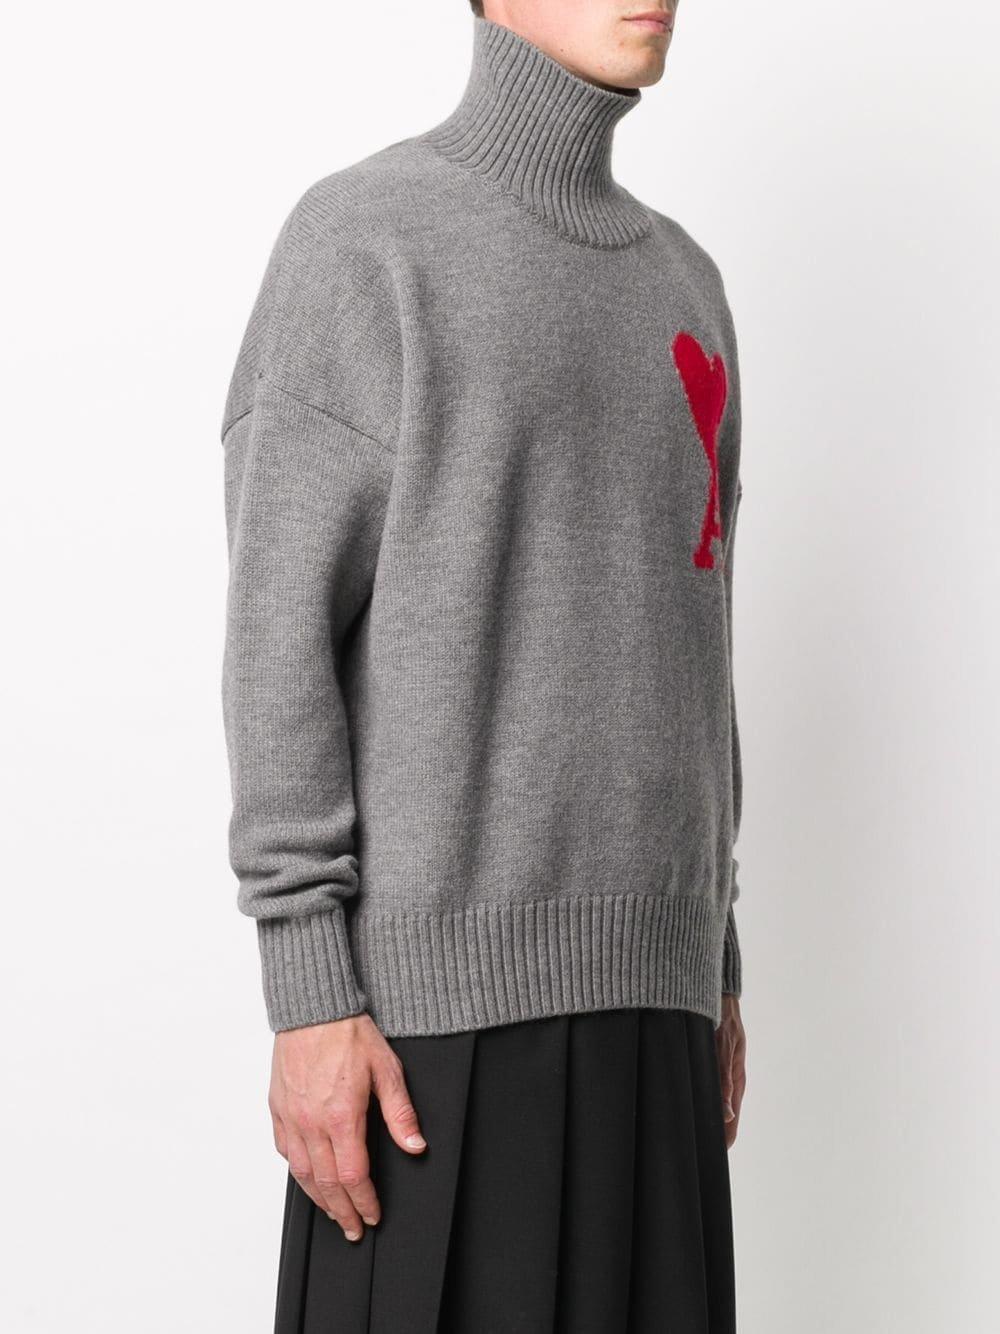 envío libre de los hombres 2020 nueva moda suéter de la marca de moda del todo-fósforo y mujeres con la misma style4CCUAEDW